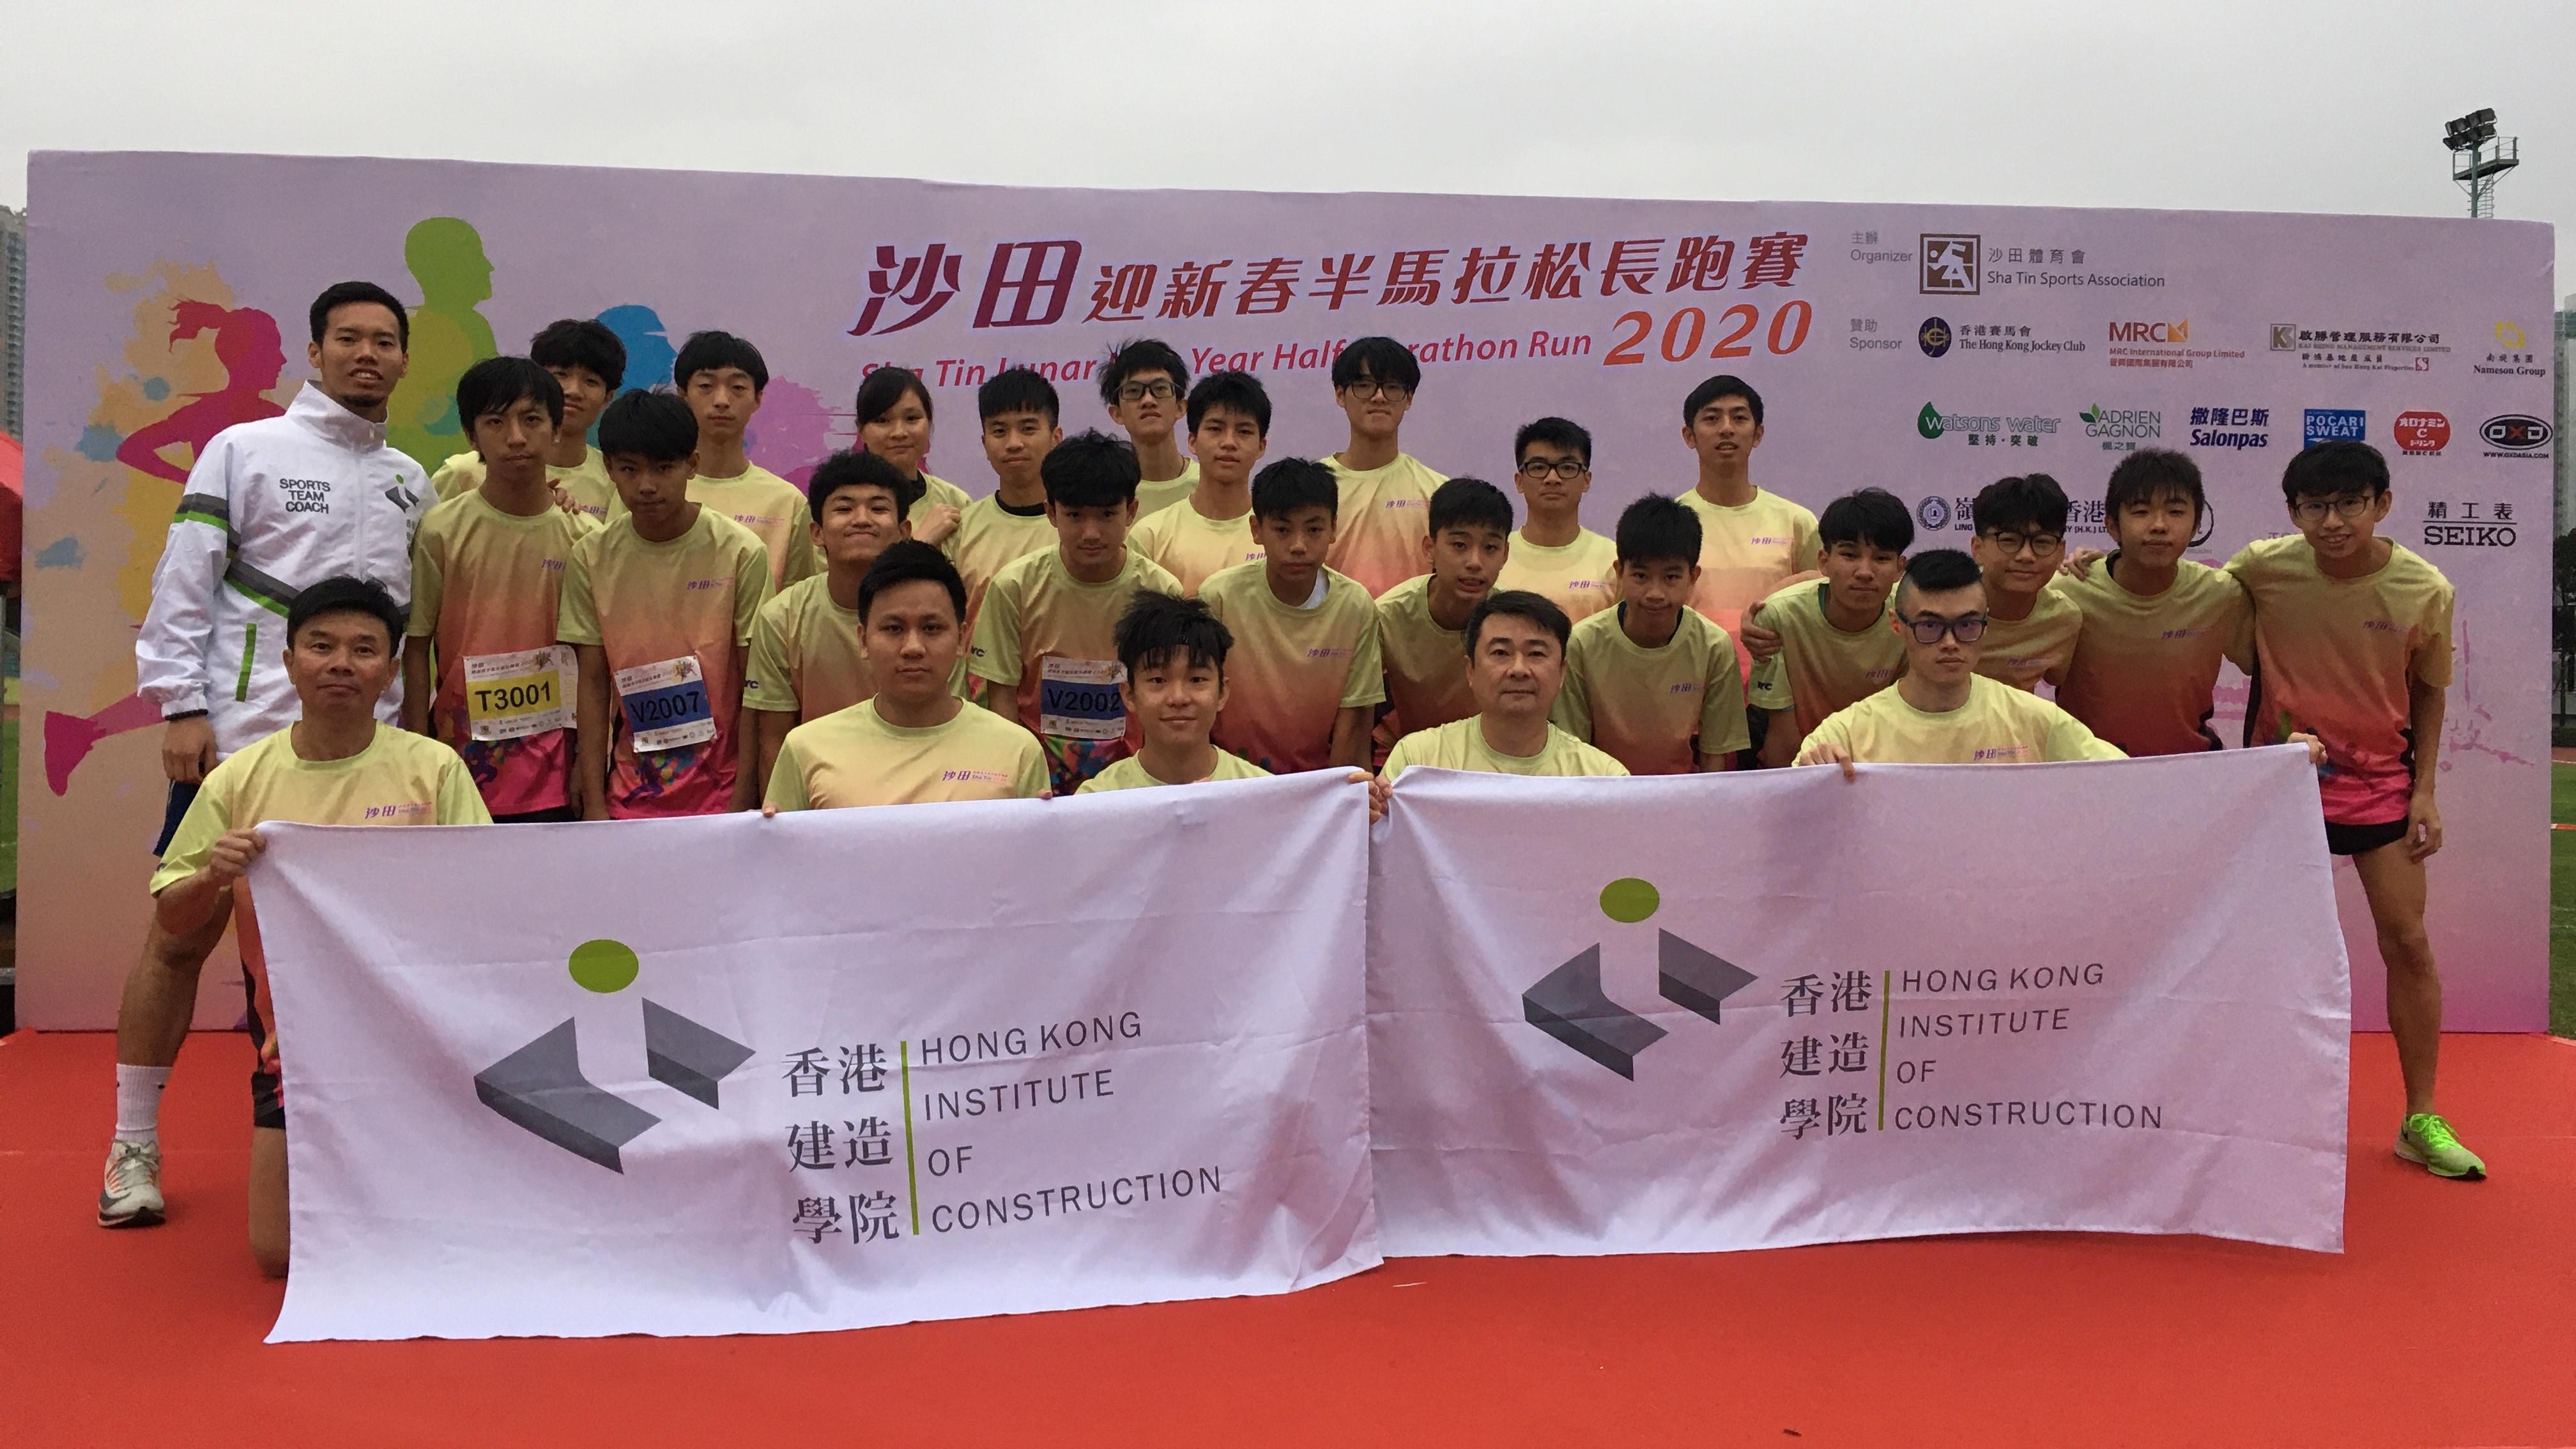 [運動] 上水院校 -  沙田迎新春半馬拉松長跑賽2020